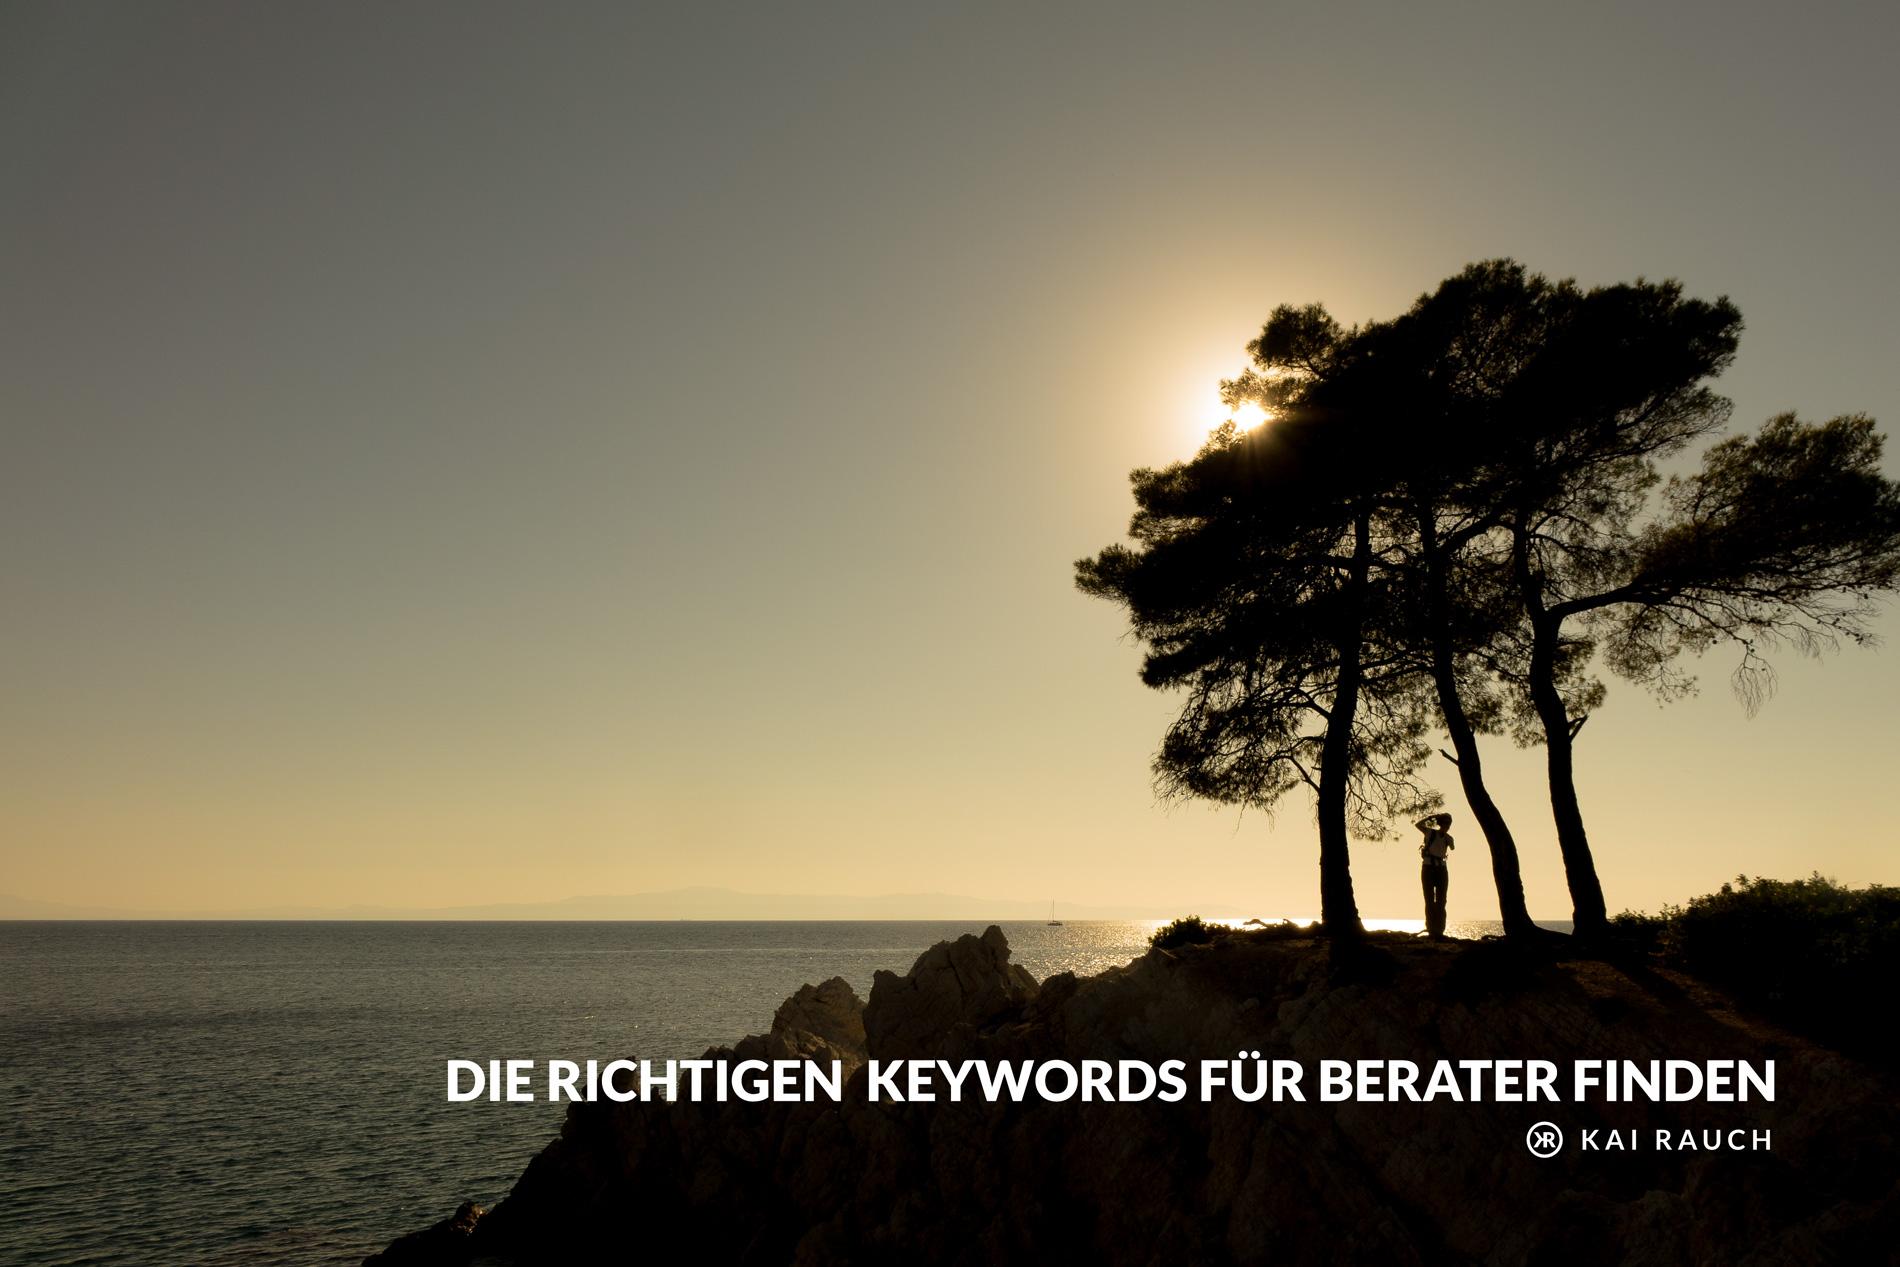 Die richtigen SEO-Keywords finden | Google-Suchbegriffe ...